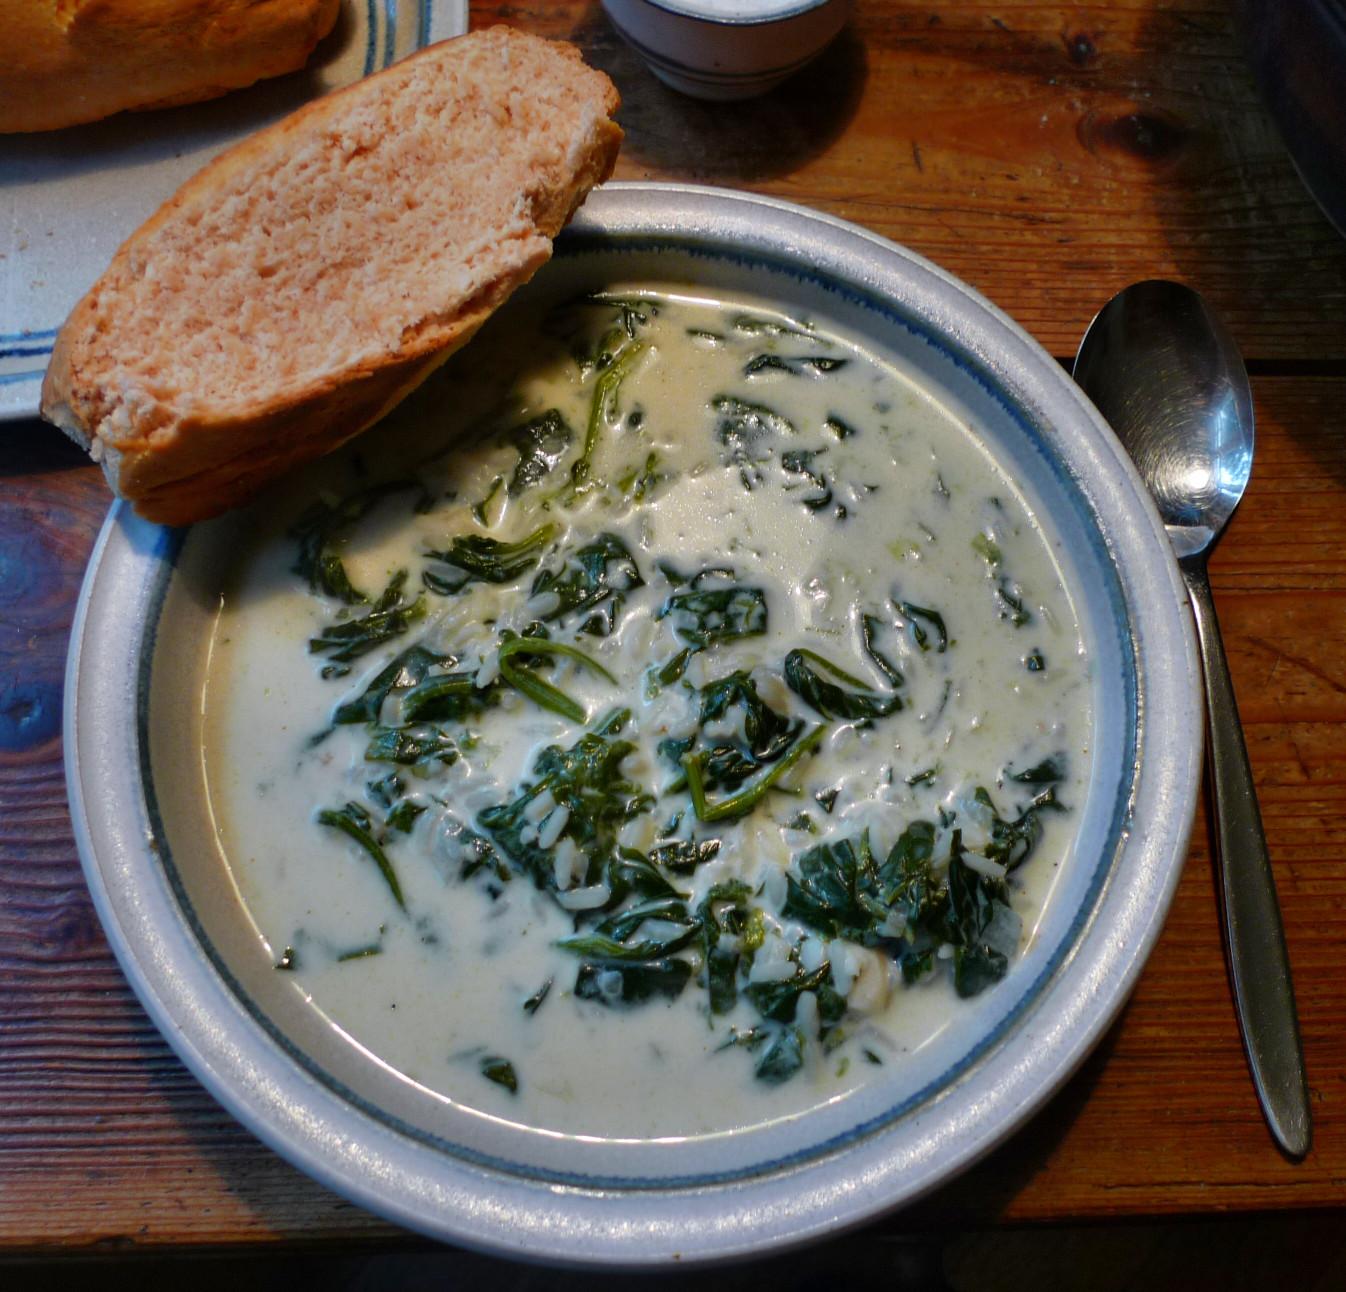 Spinat-Joghurtsuppe-4.1.15   (8)